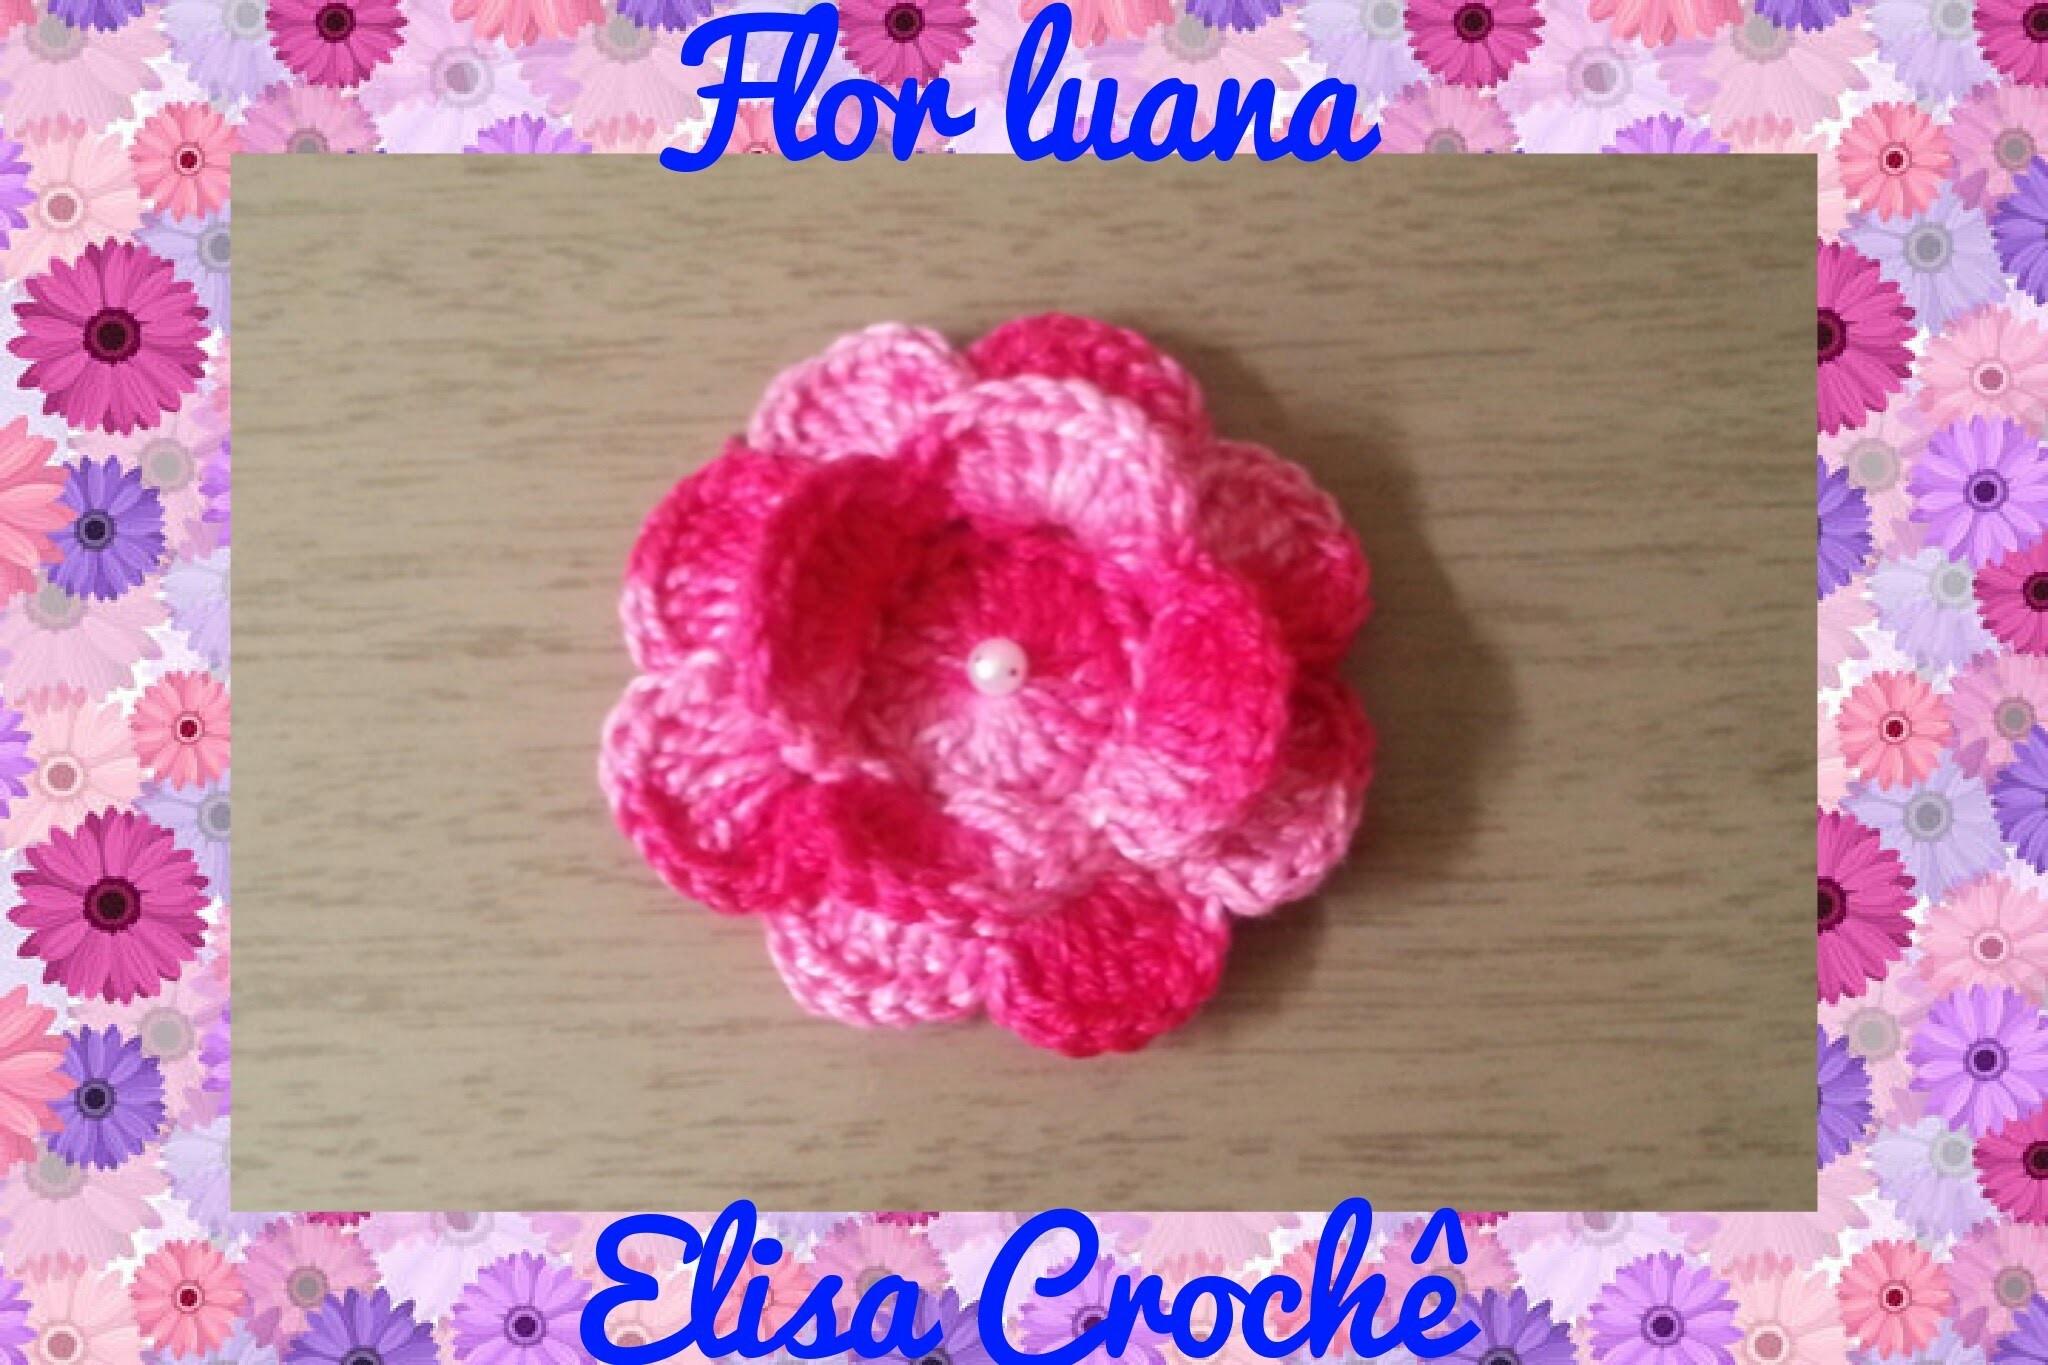 Flor luana em crochê # Elisa Crochê